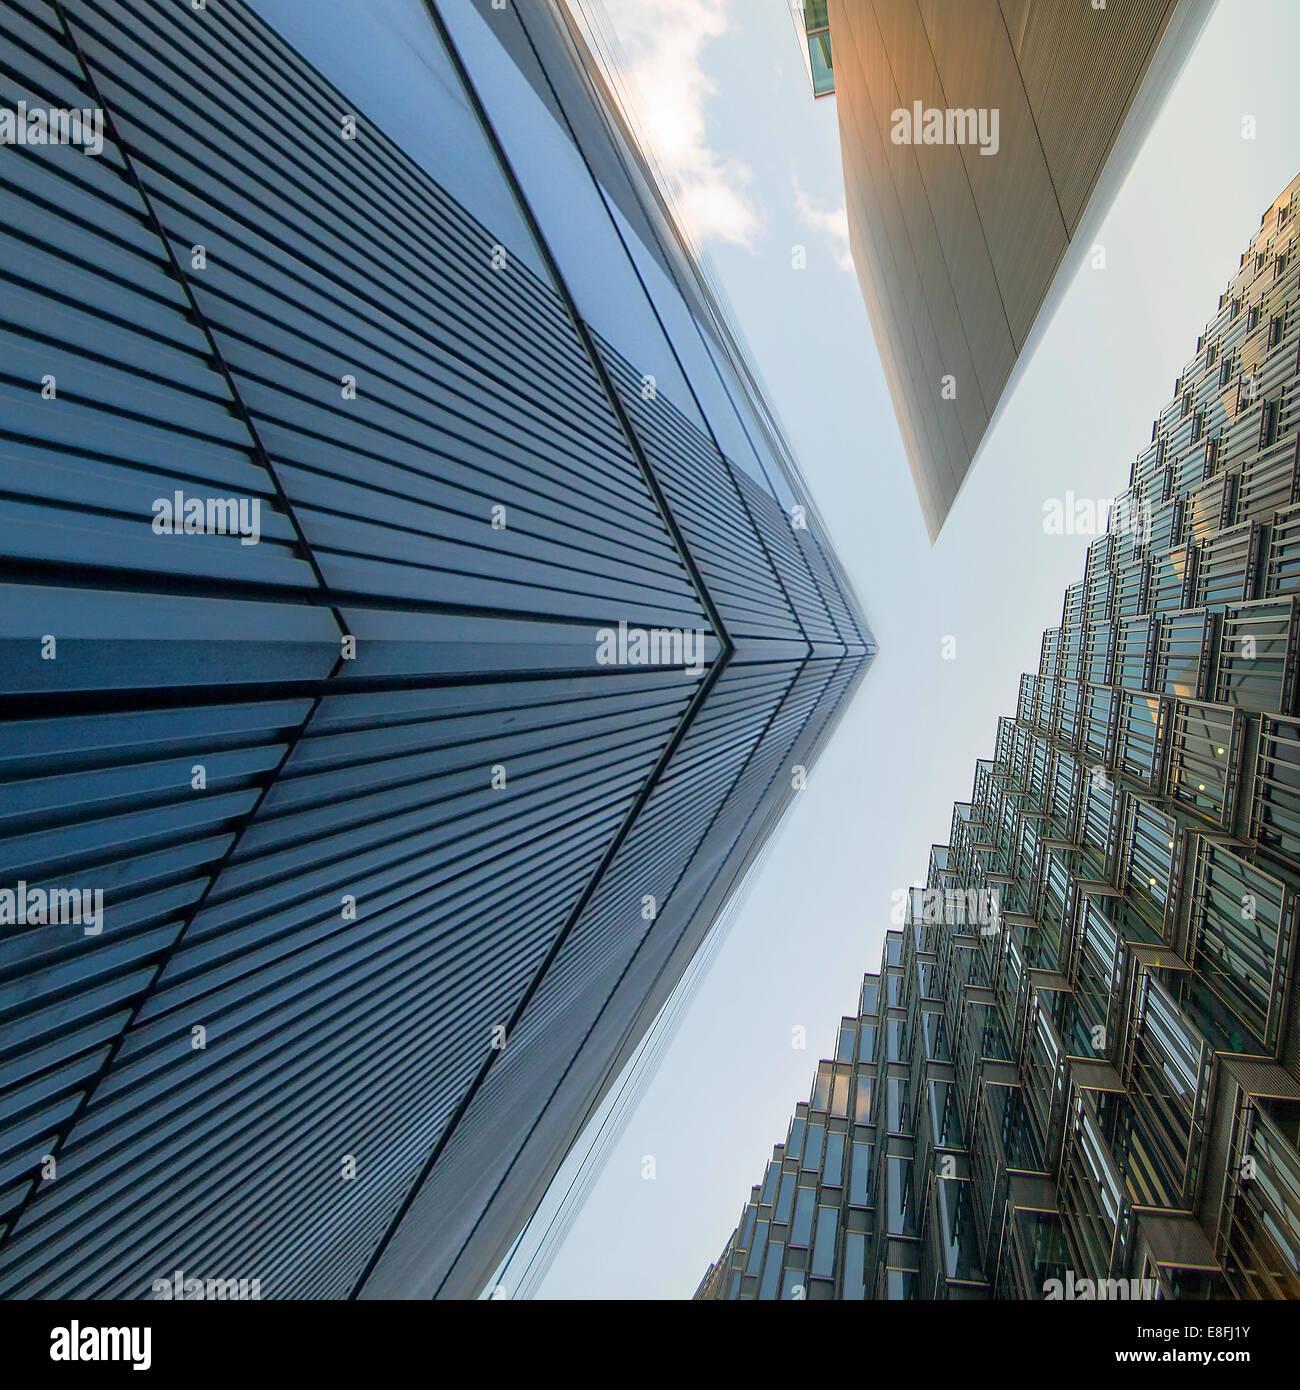 Basso angolo vista di edifici per uffici a Londra, Inghilterra, Regno Unito Immagini Stock